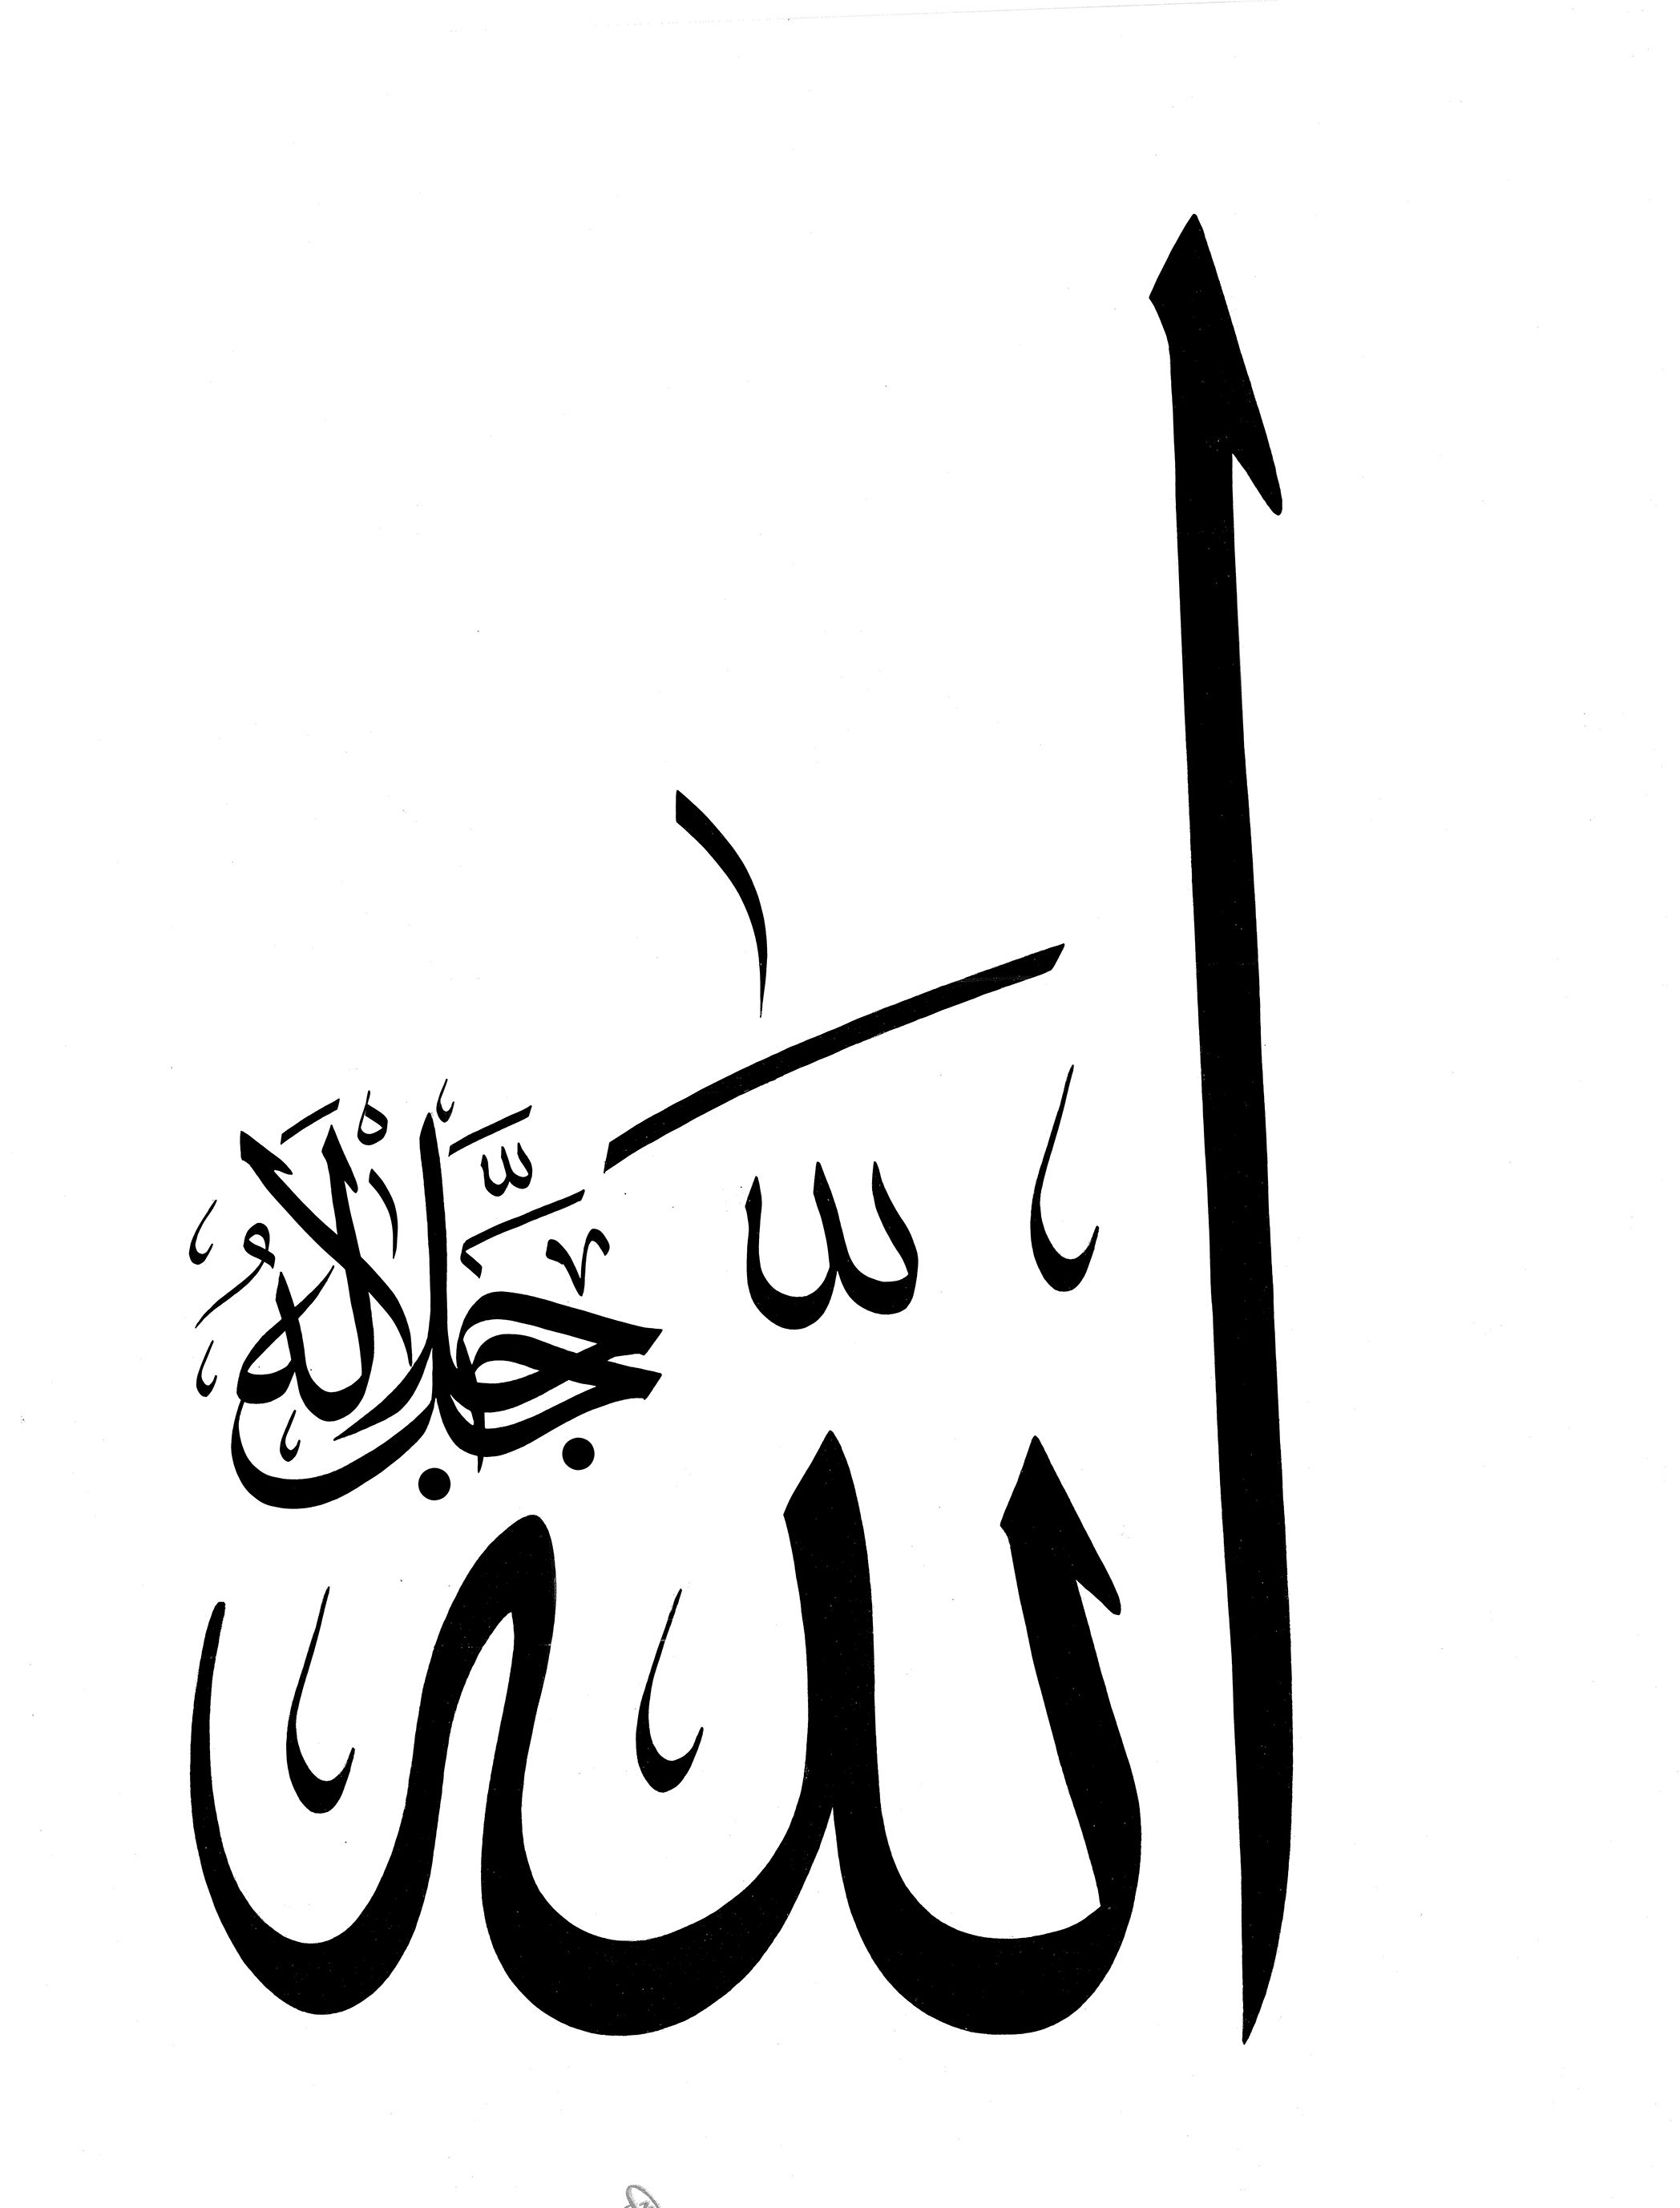 كيفية تحميل خط simplified arabic